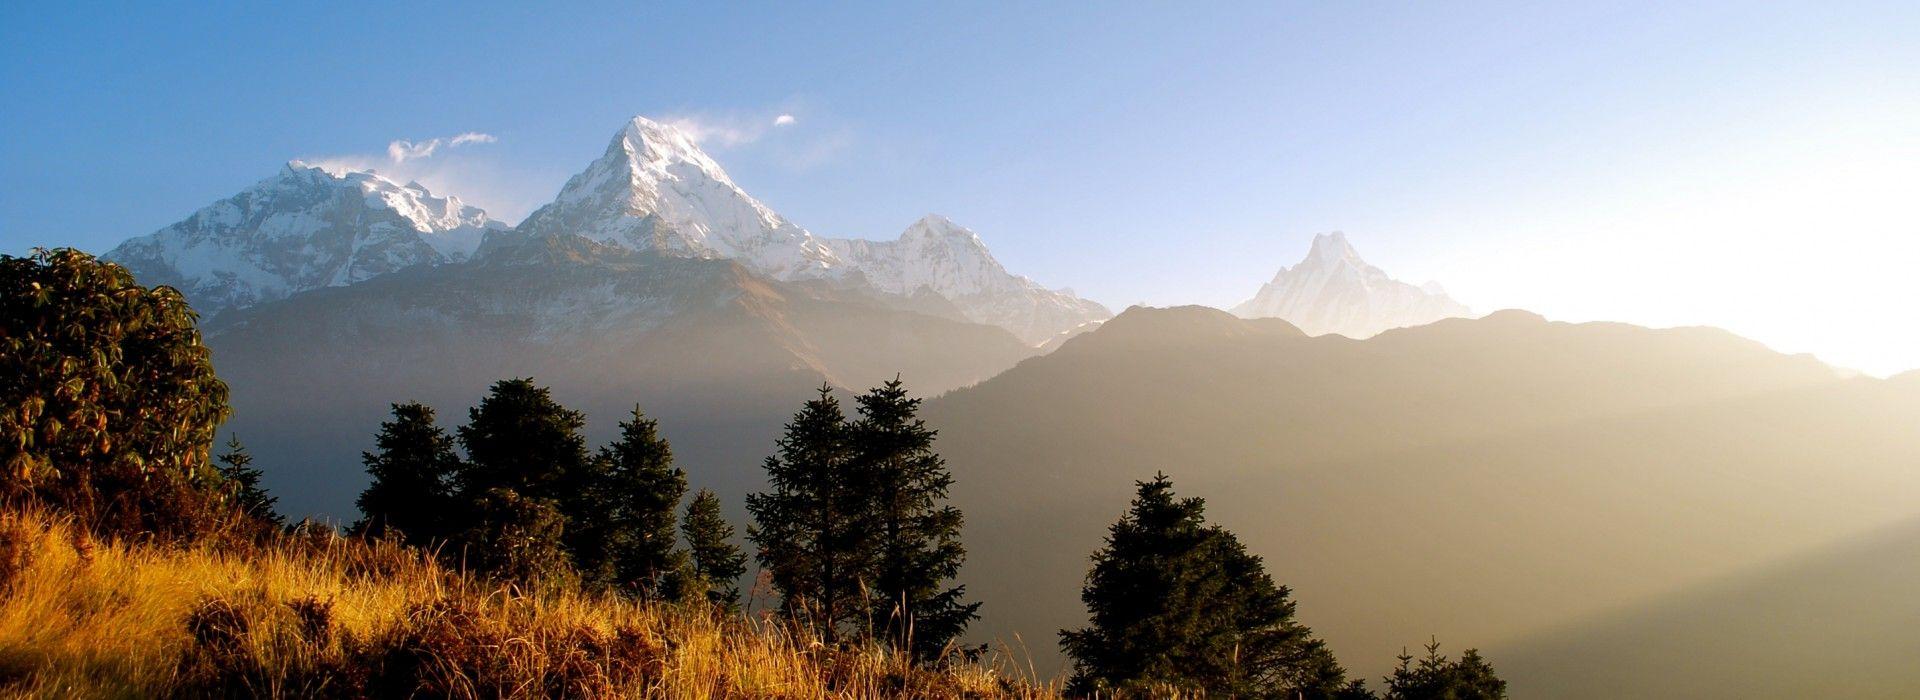 Natural landmarks sightseeing Tours in Pokhara